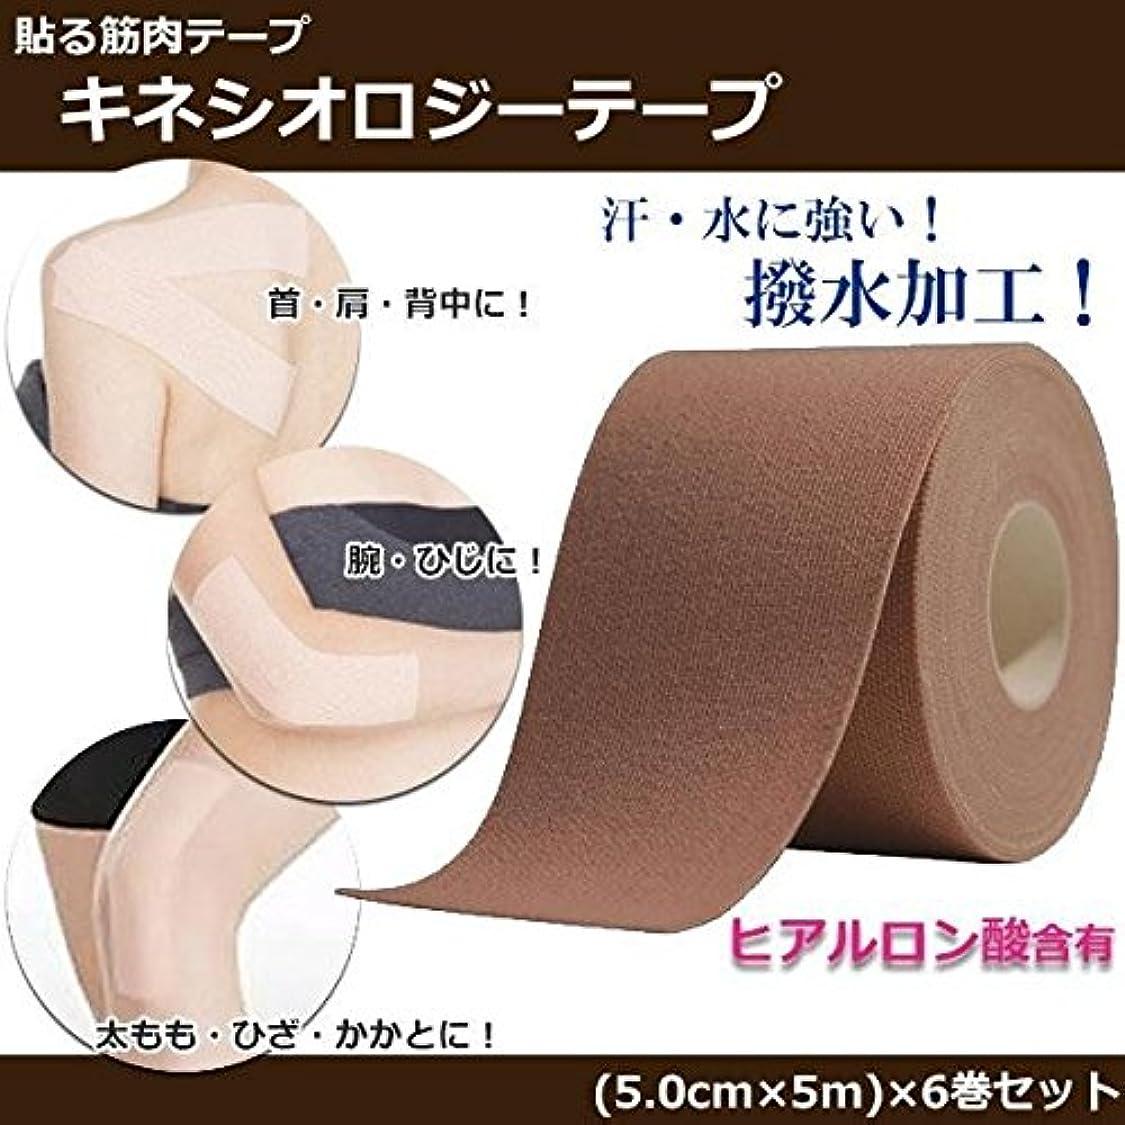 どれ芽逸話貼る筋肉テープ キネシオロジーテープ ヒアルロン酸含有 日本製 6巻セット